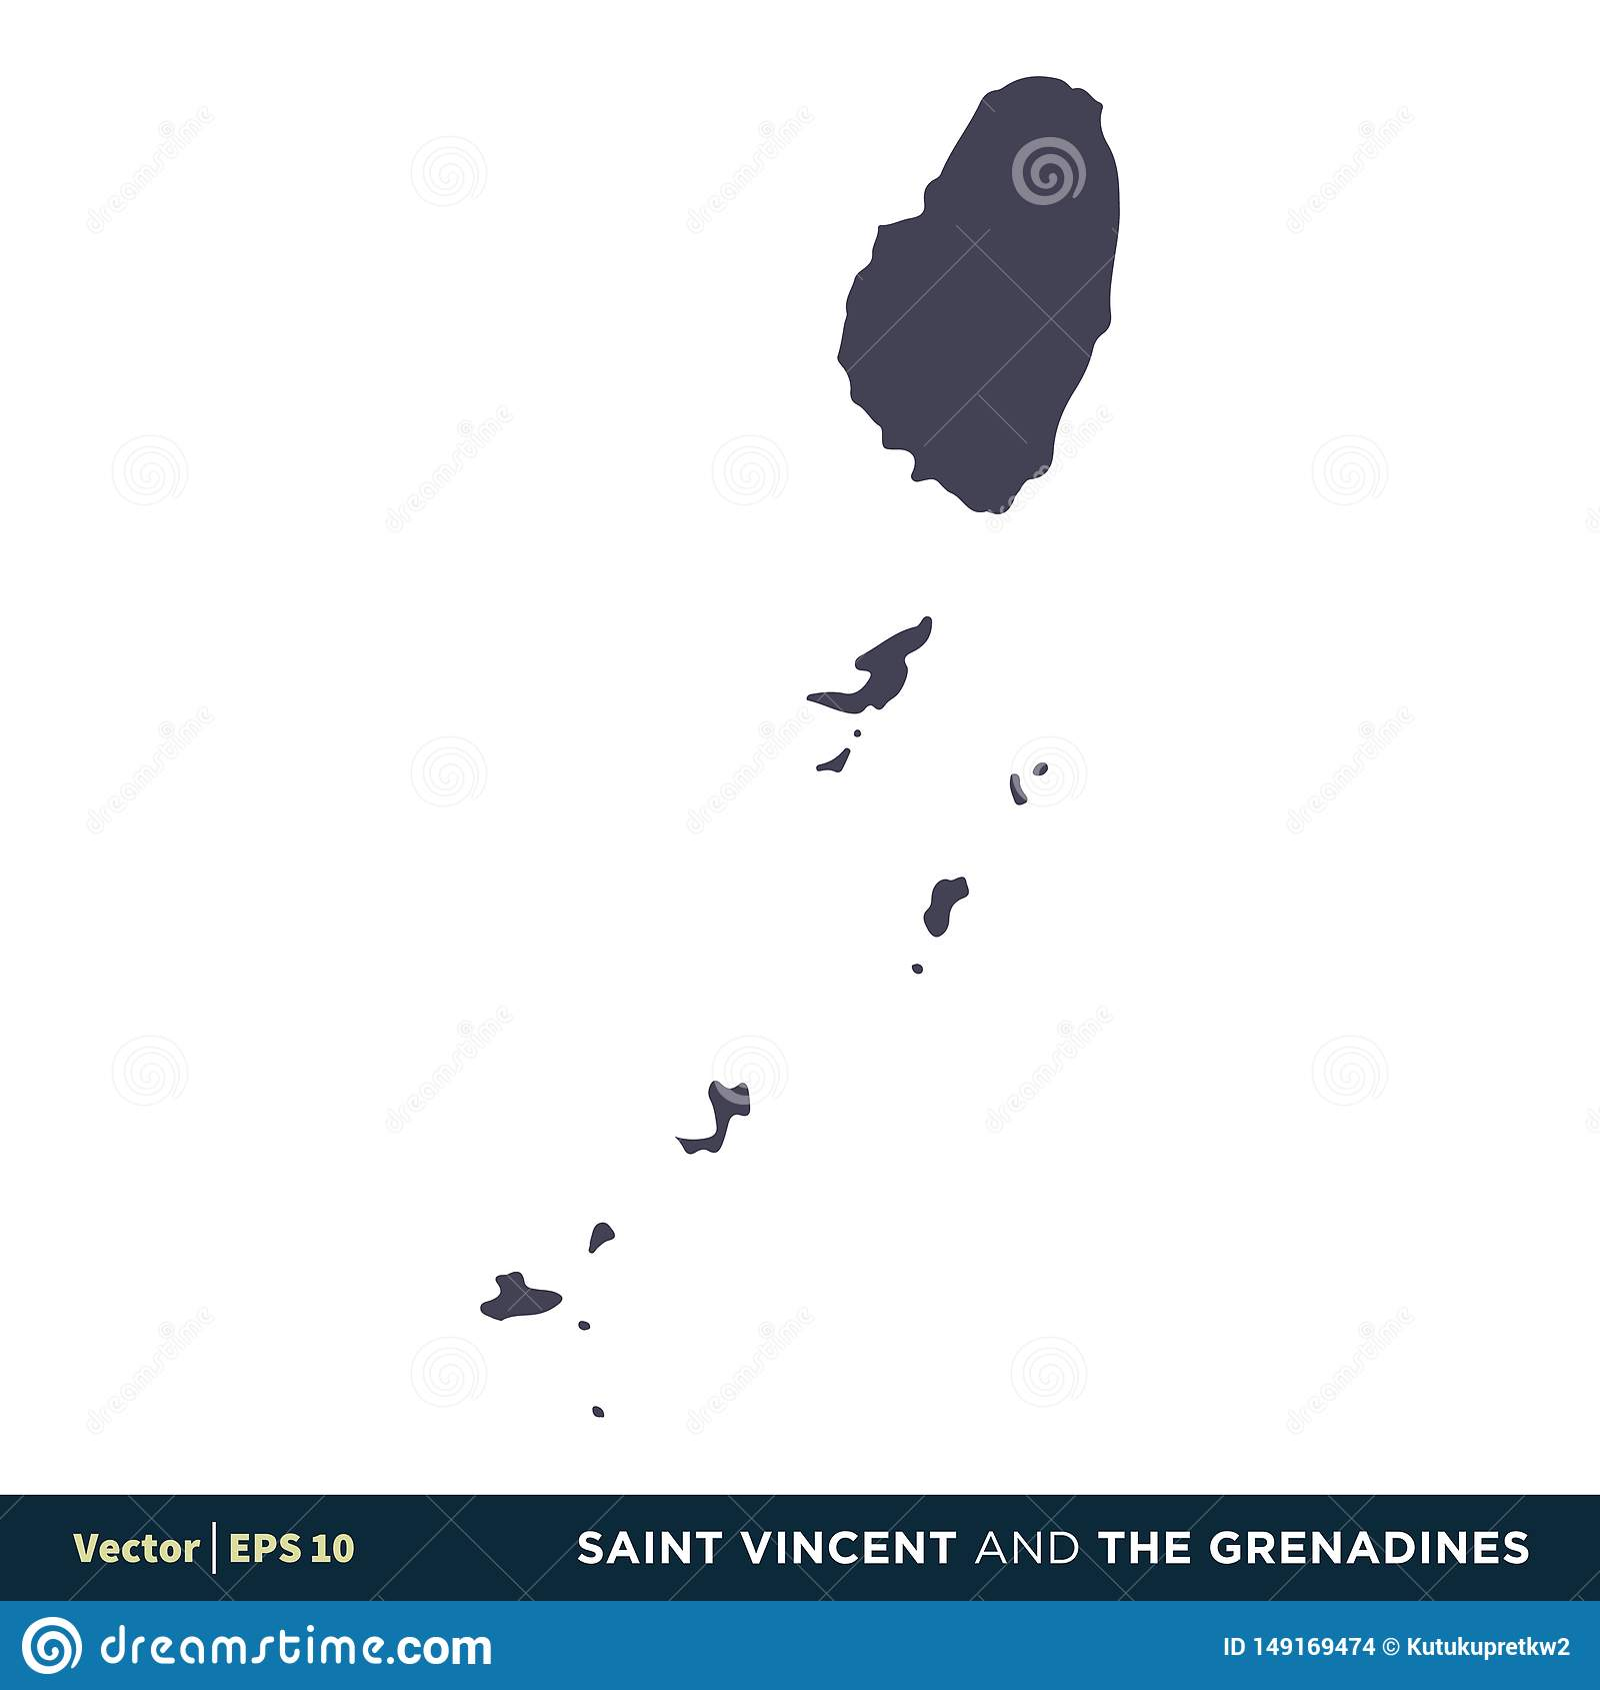 St. Vincent und die Grenadinen - Nordamerika-Länder zeichnen Ikonen-Vektor Logo Template Illustration Design auf Vektor ENV 10